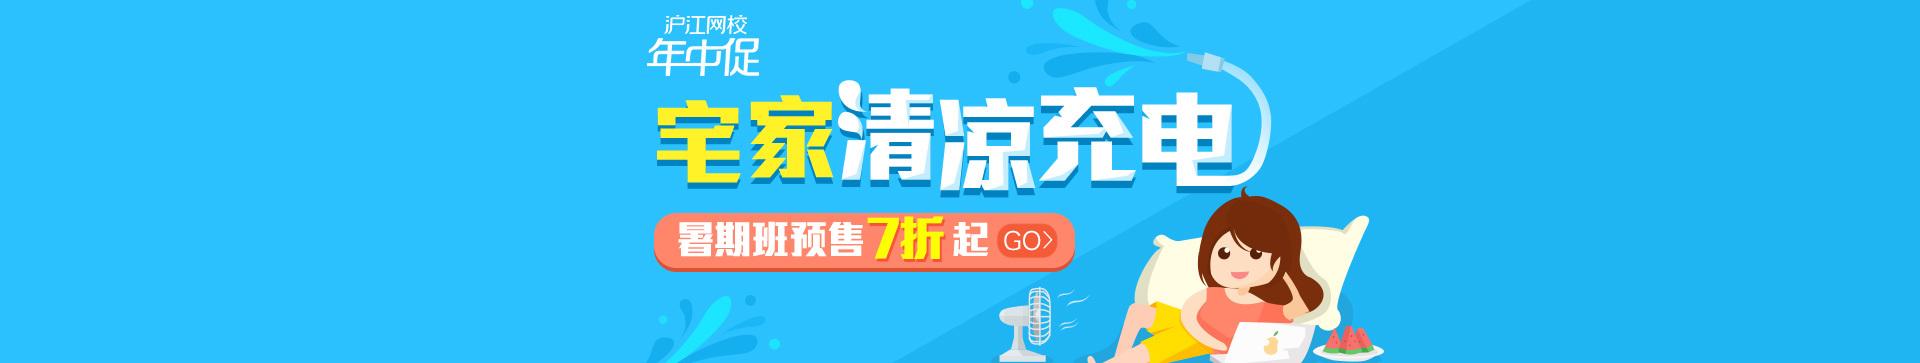 沪江暑期预售课7折